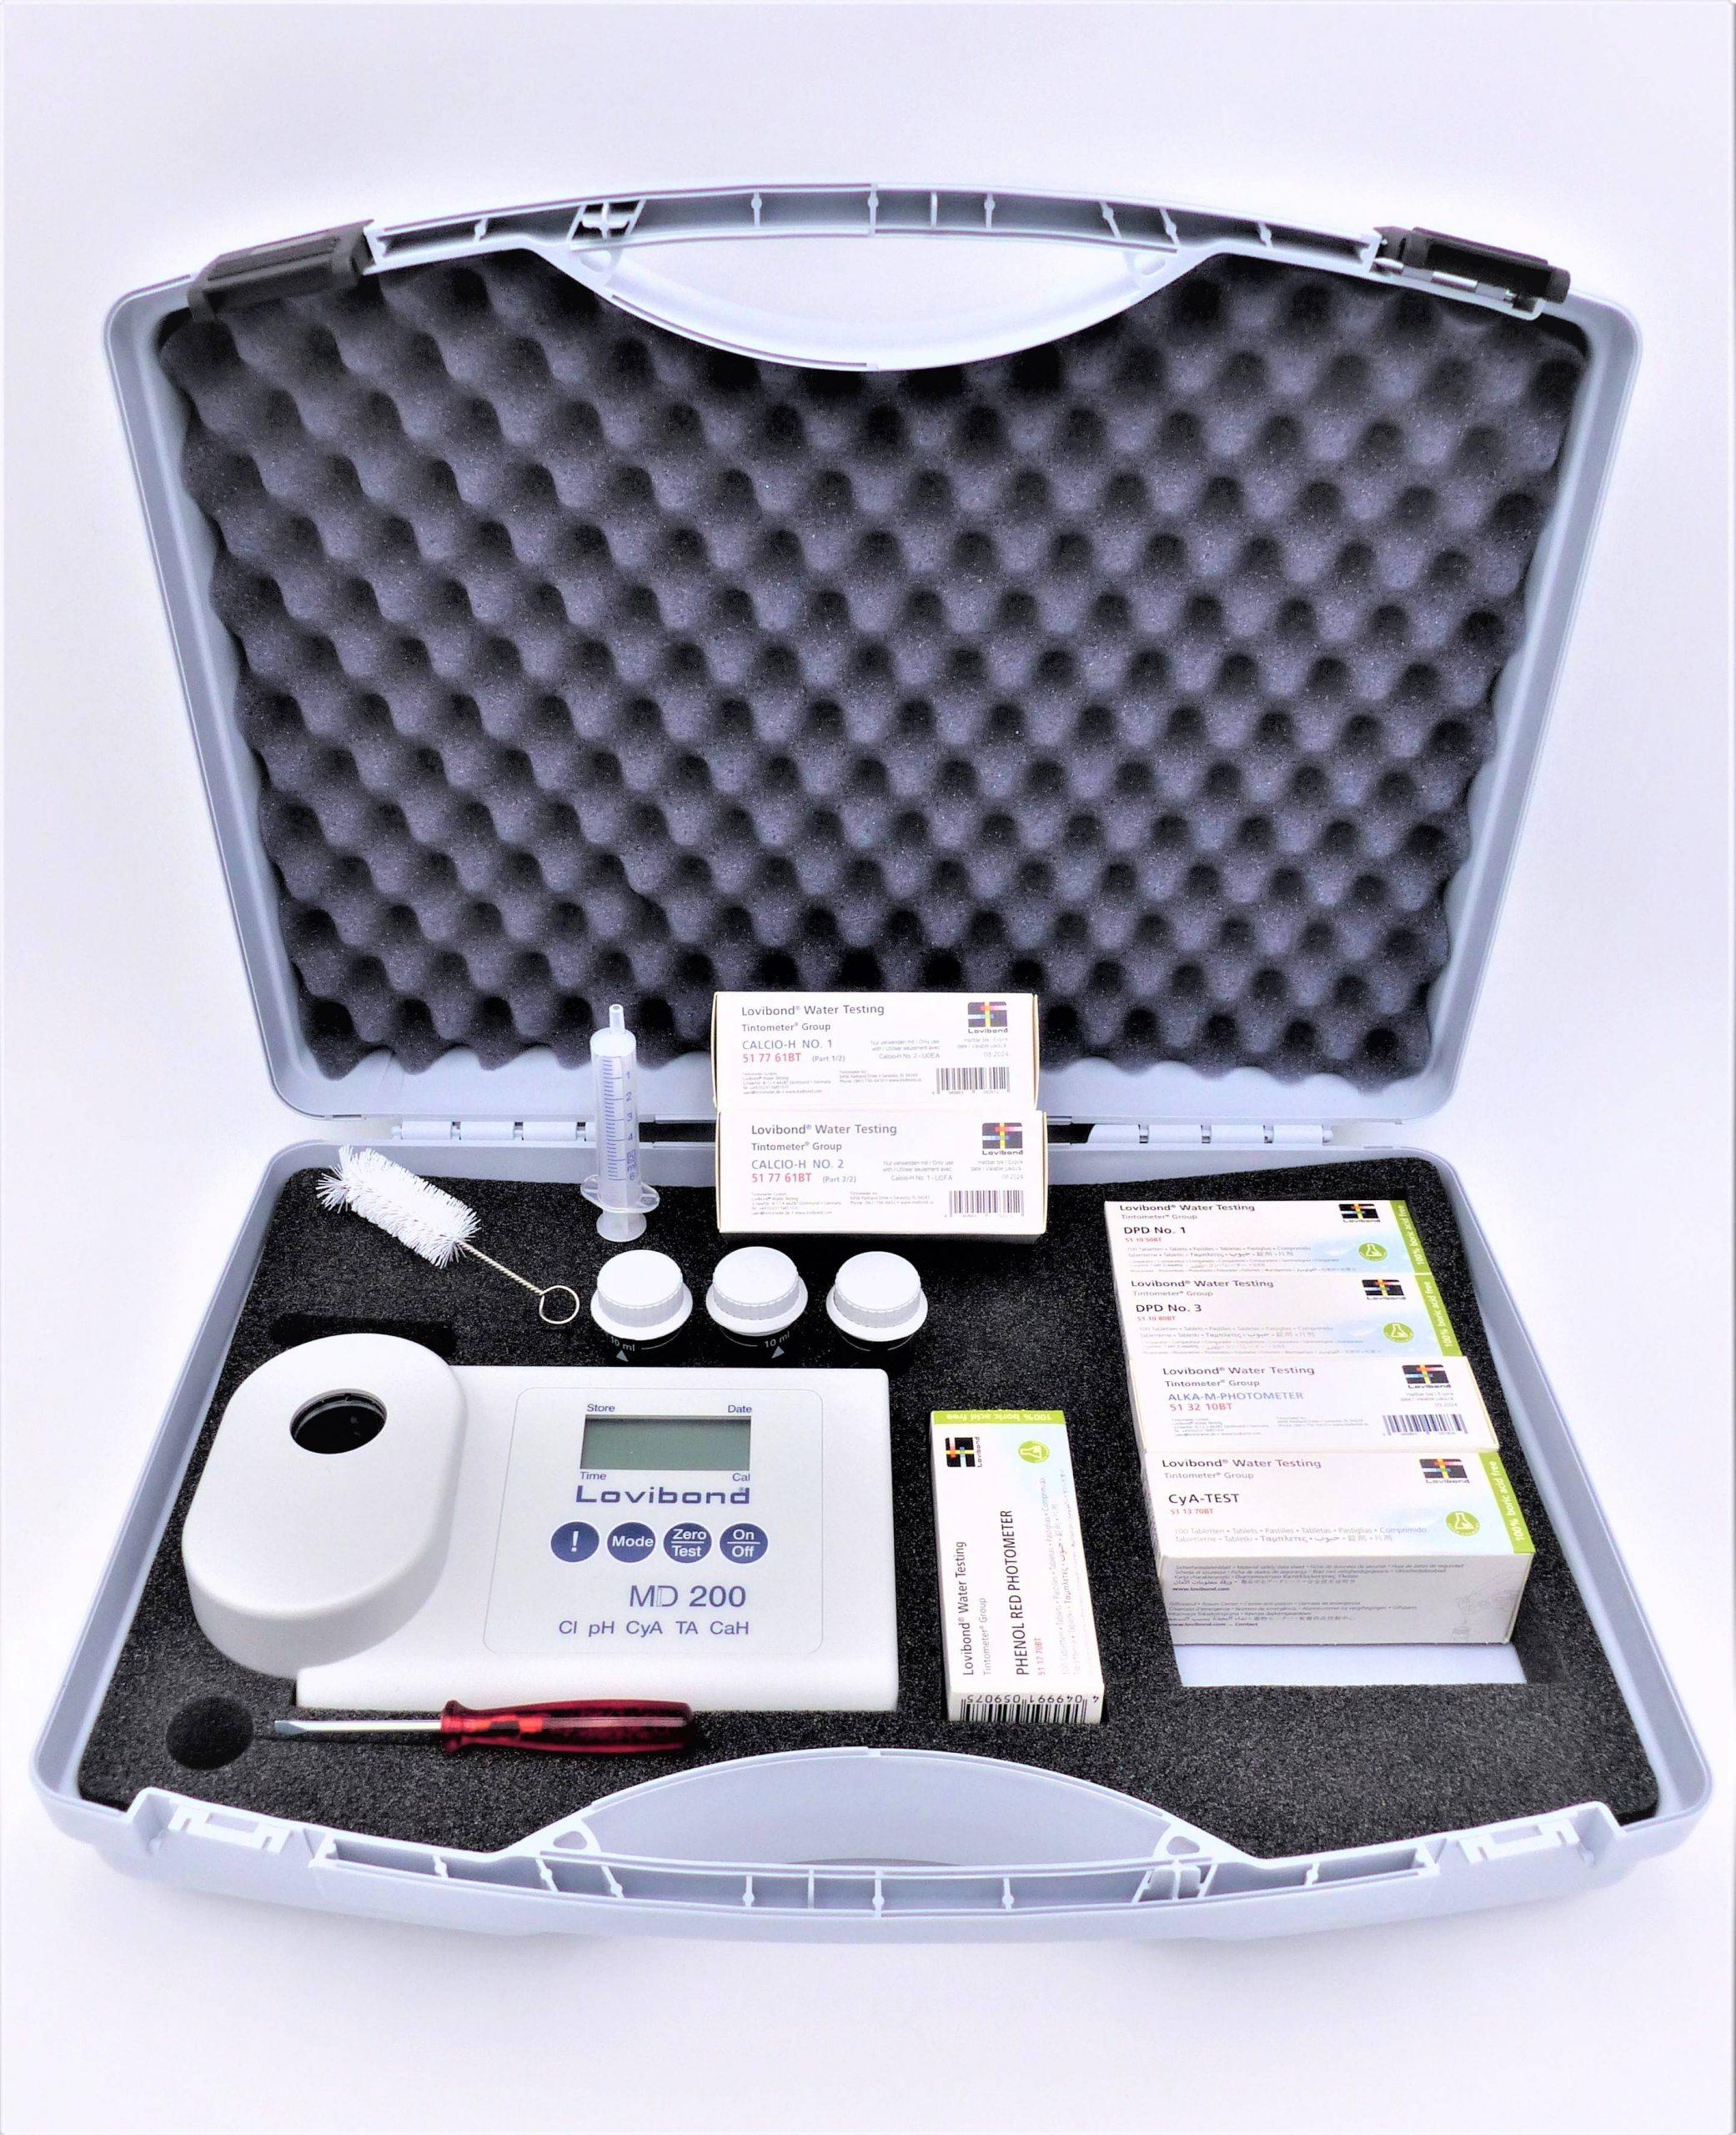 Photomètre Md200 5 En 1 Pour L'analyse De L'eau De Piscine ... avec Photomètre Piscine